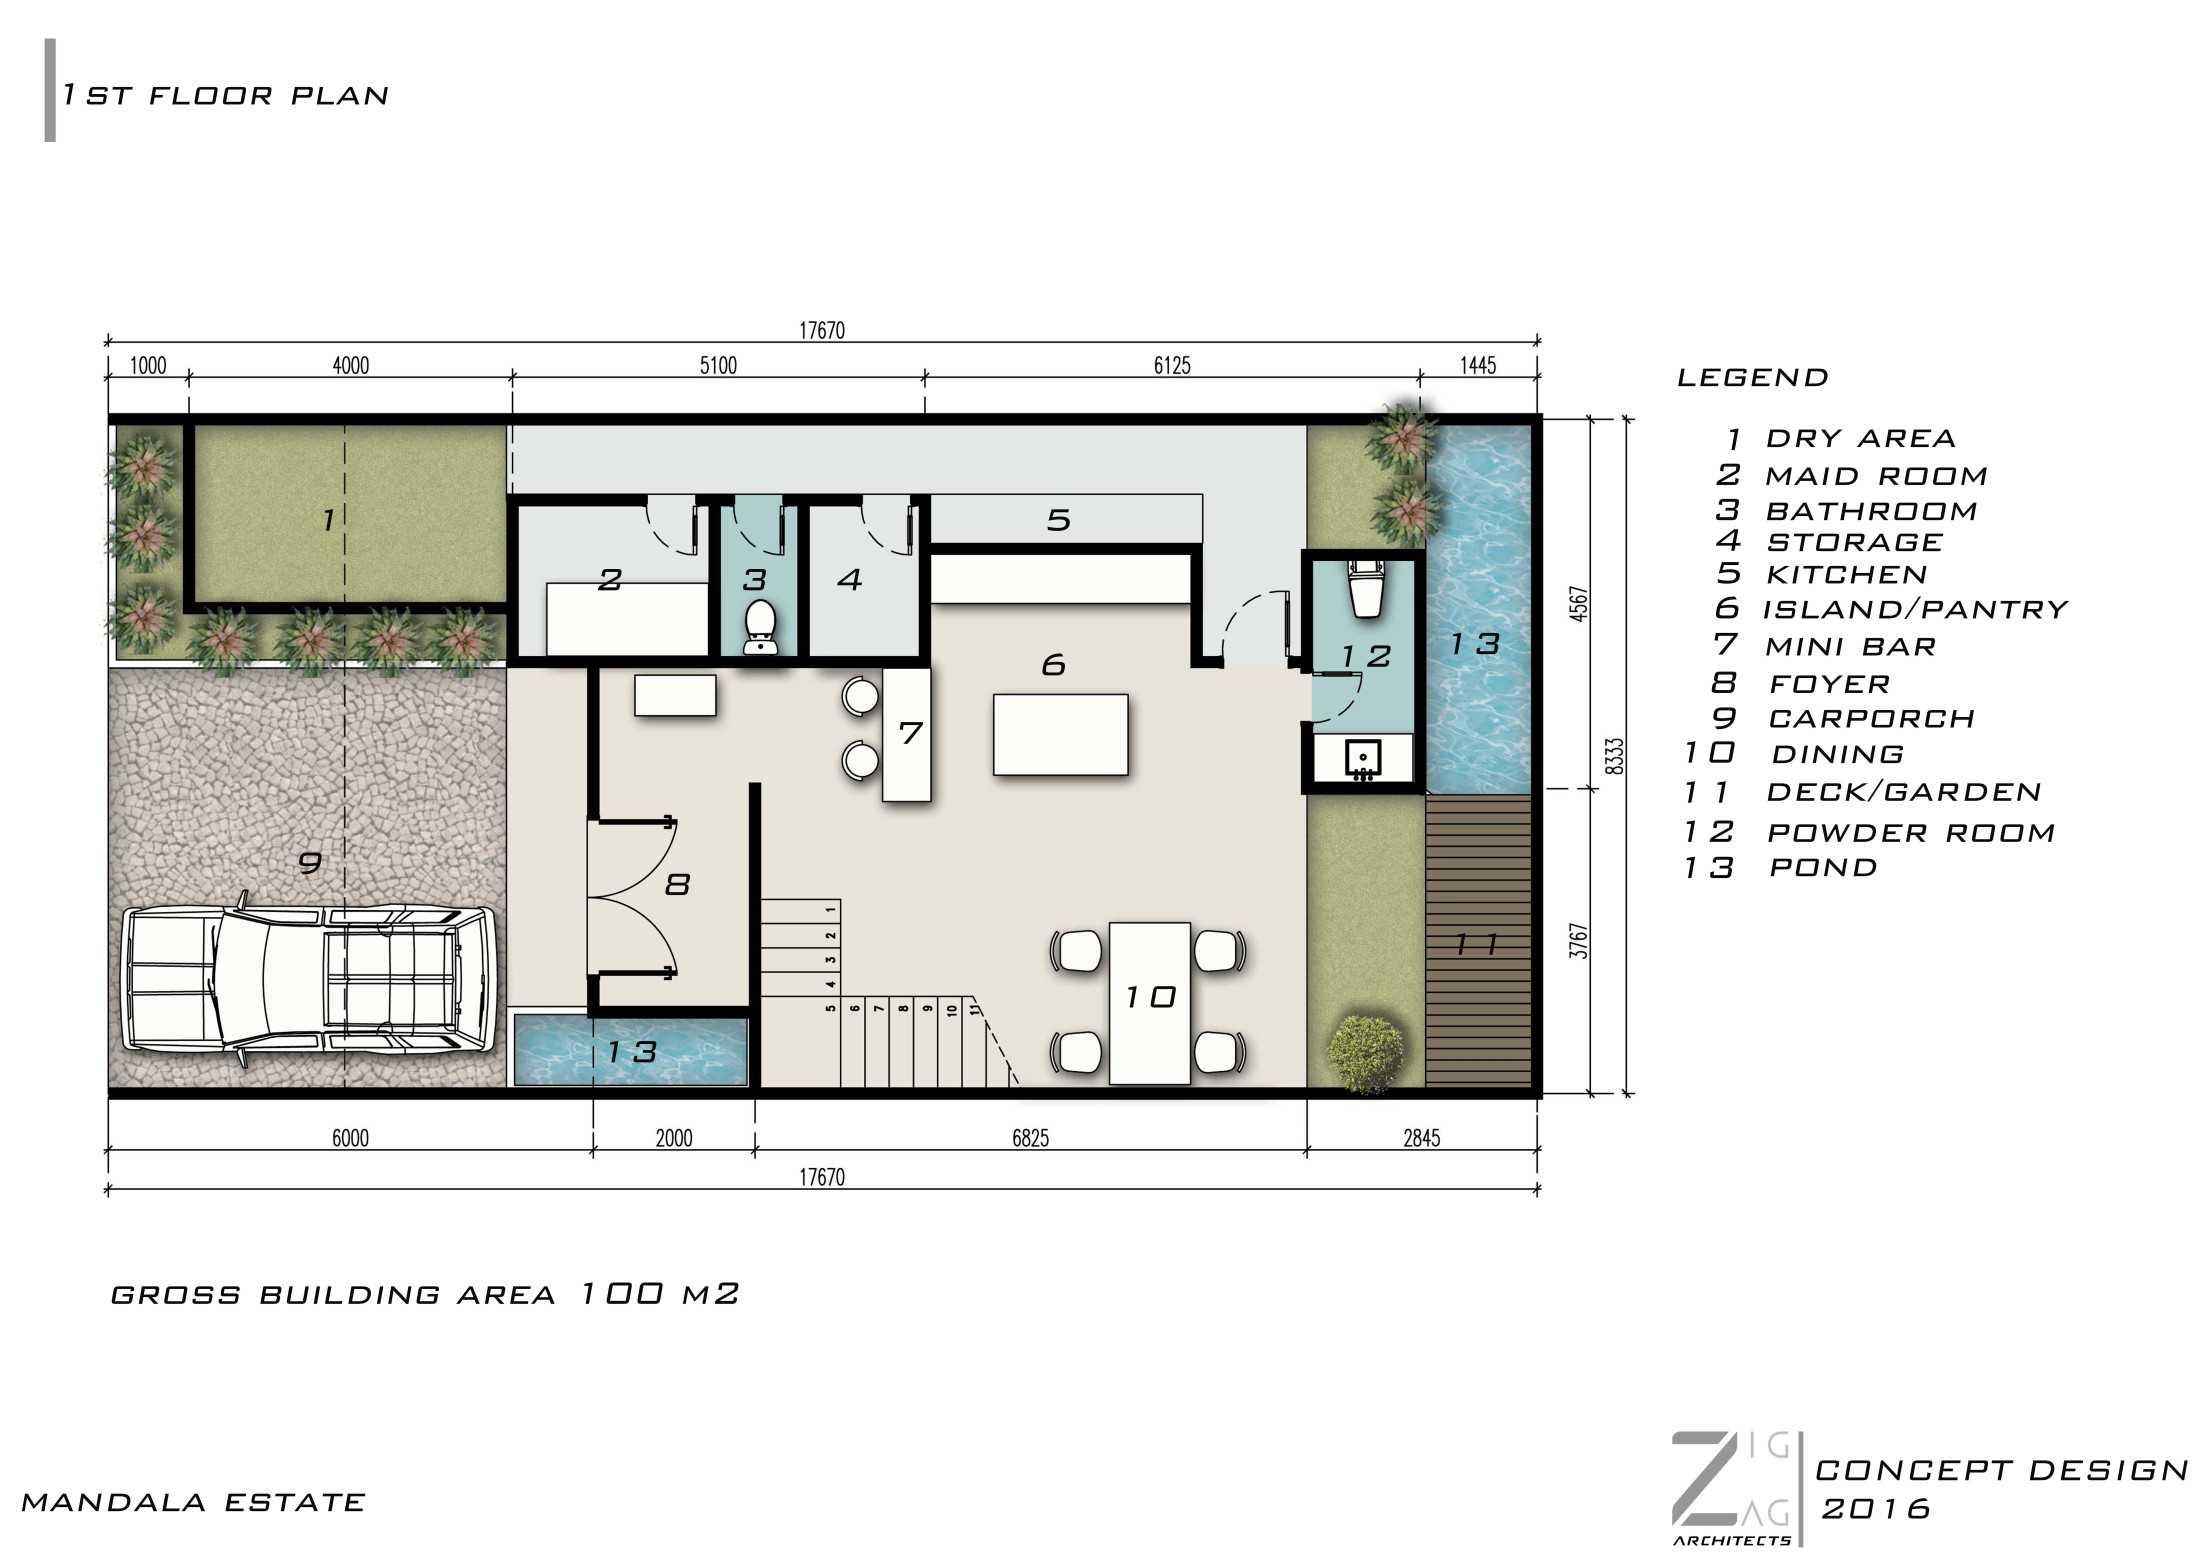 Zigzag Architecture Studio Mandala Estate Ubud, Kabupaten Gianyar, Bali, Indonesia Ubud, Kabupaten Gianyar, Bali, Indonesia Zigzag-Architecture-Studio-Mandala-Estate  56156